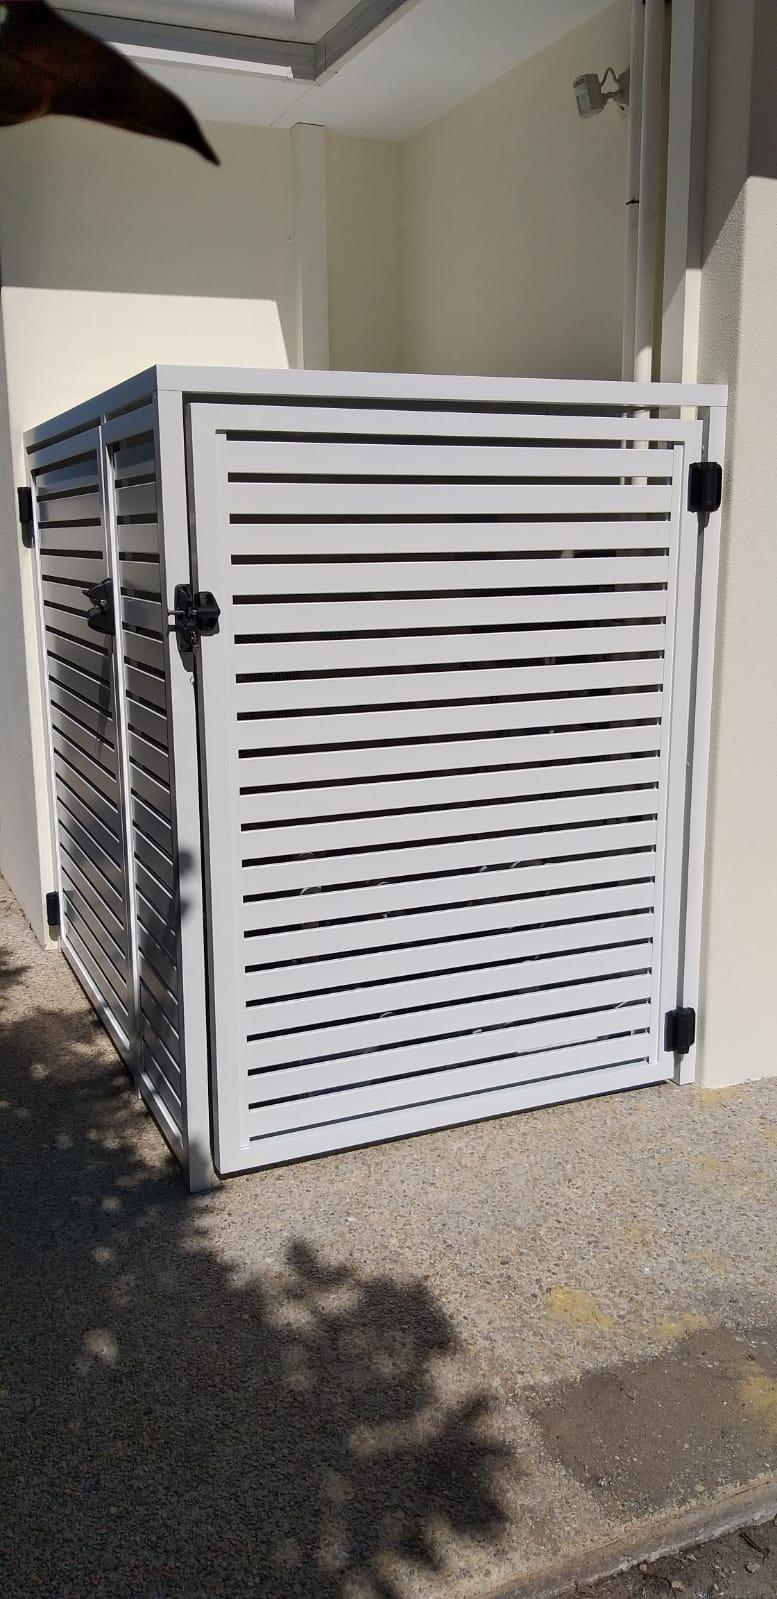 Pool pump and Aircon enclosure -closed